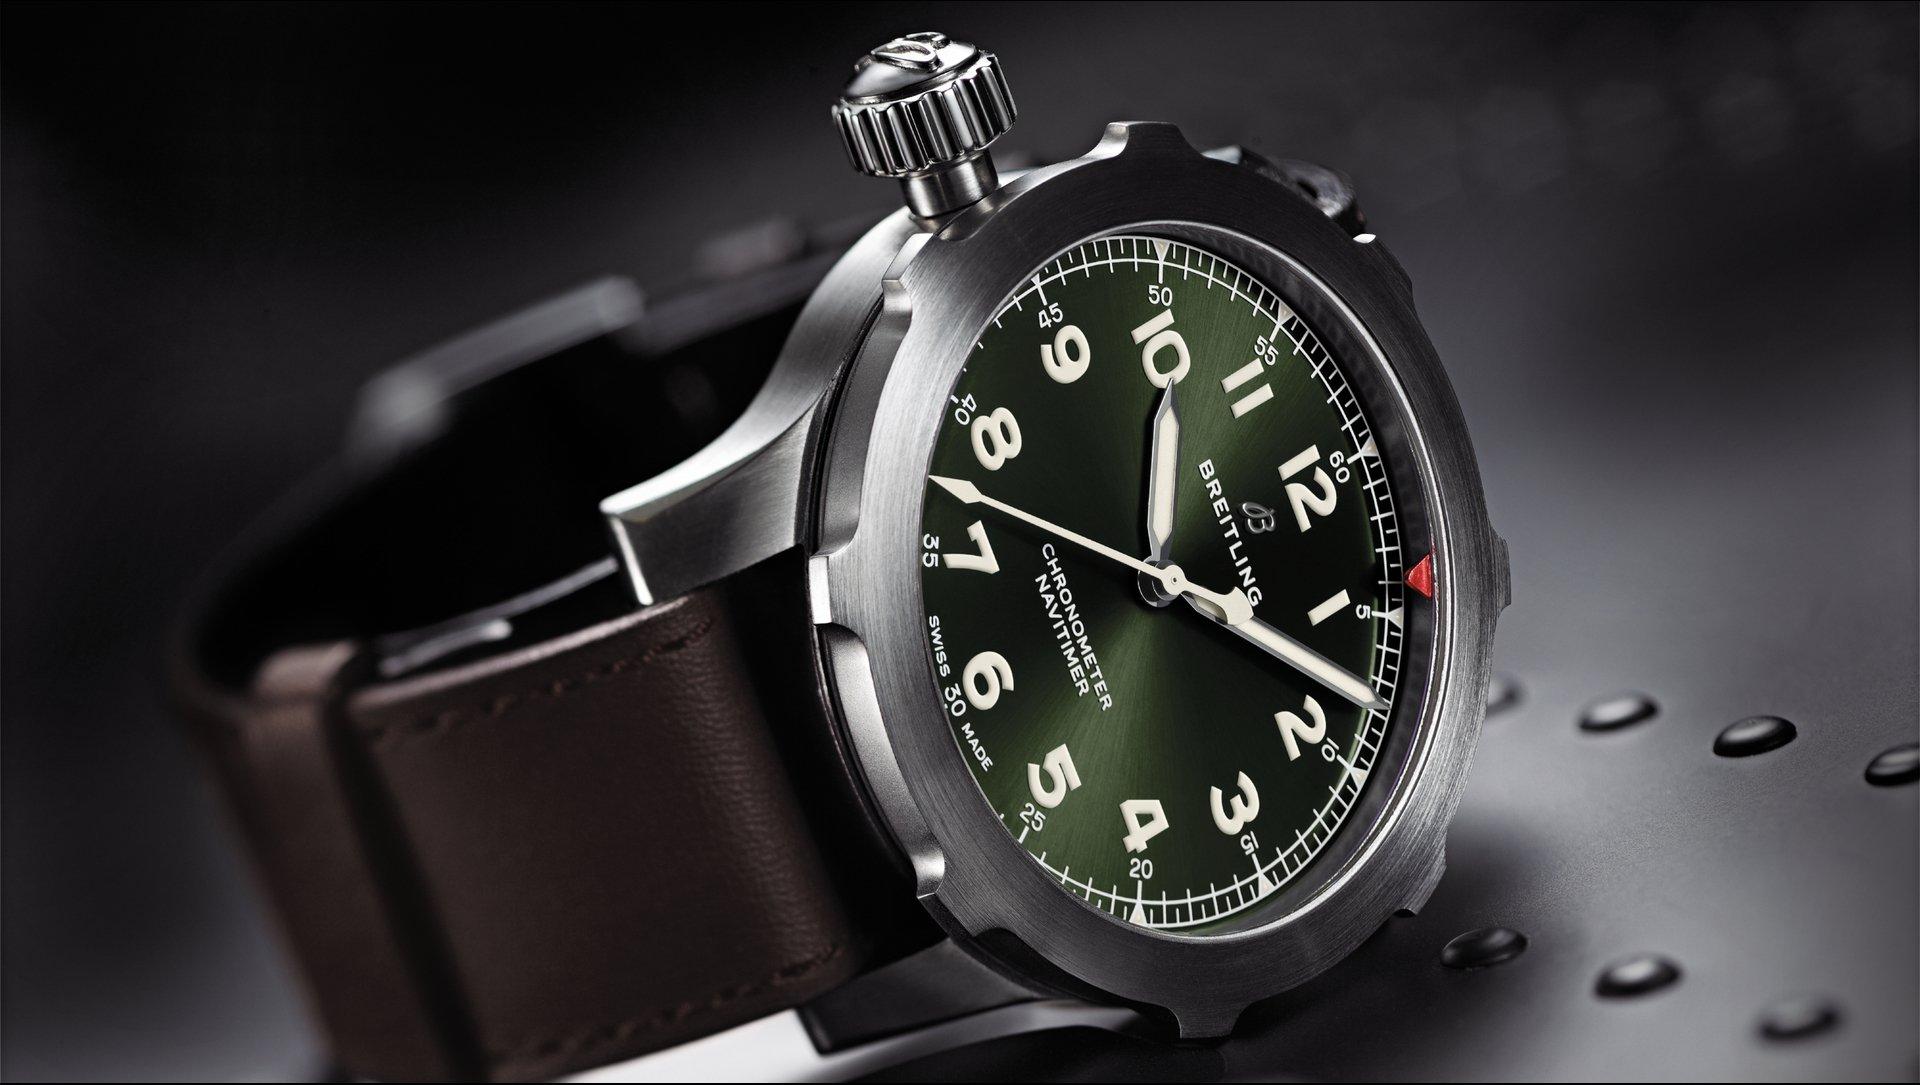 Naziv: navitimer-super-8-in-titanium-with-military-green-dial-and-brown-nato-leather-strap.jpg, pregleda: 160, veličina: 194,6 KB